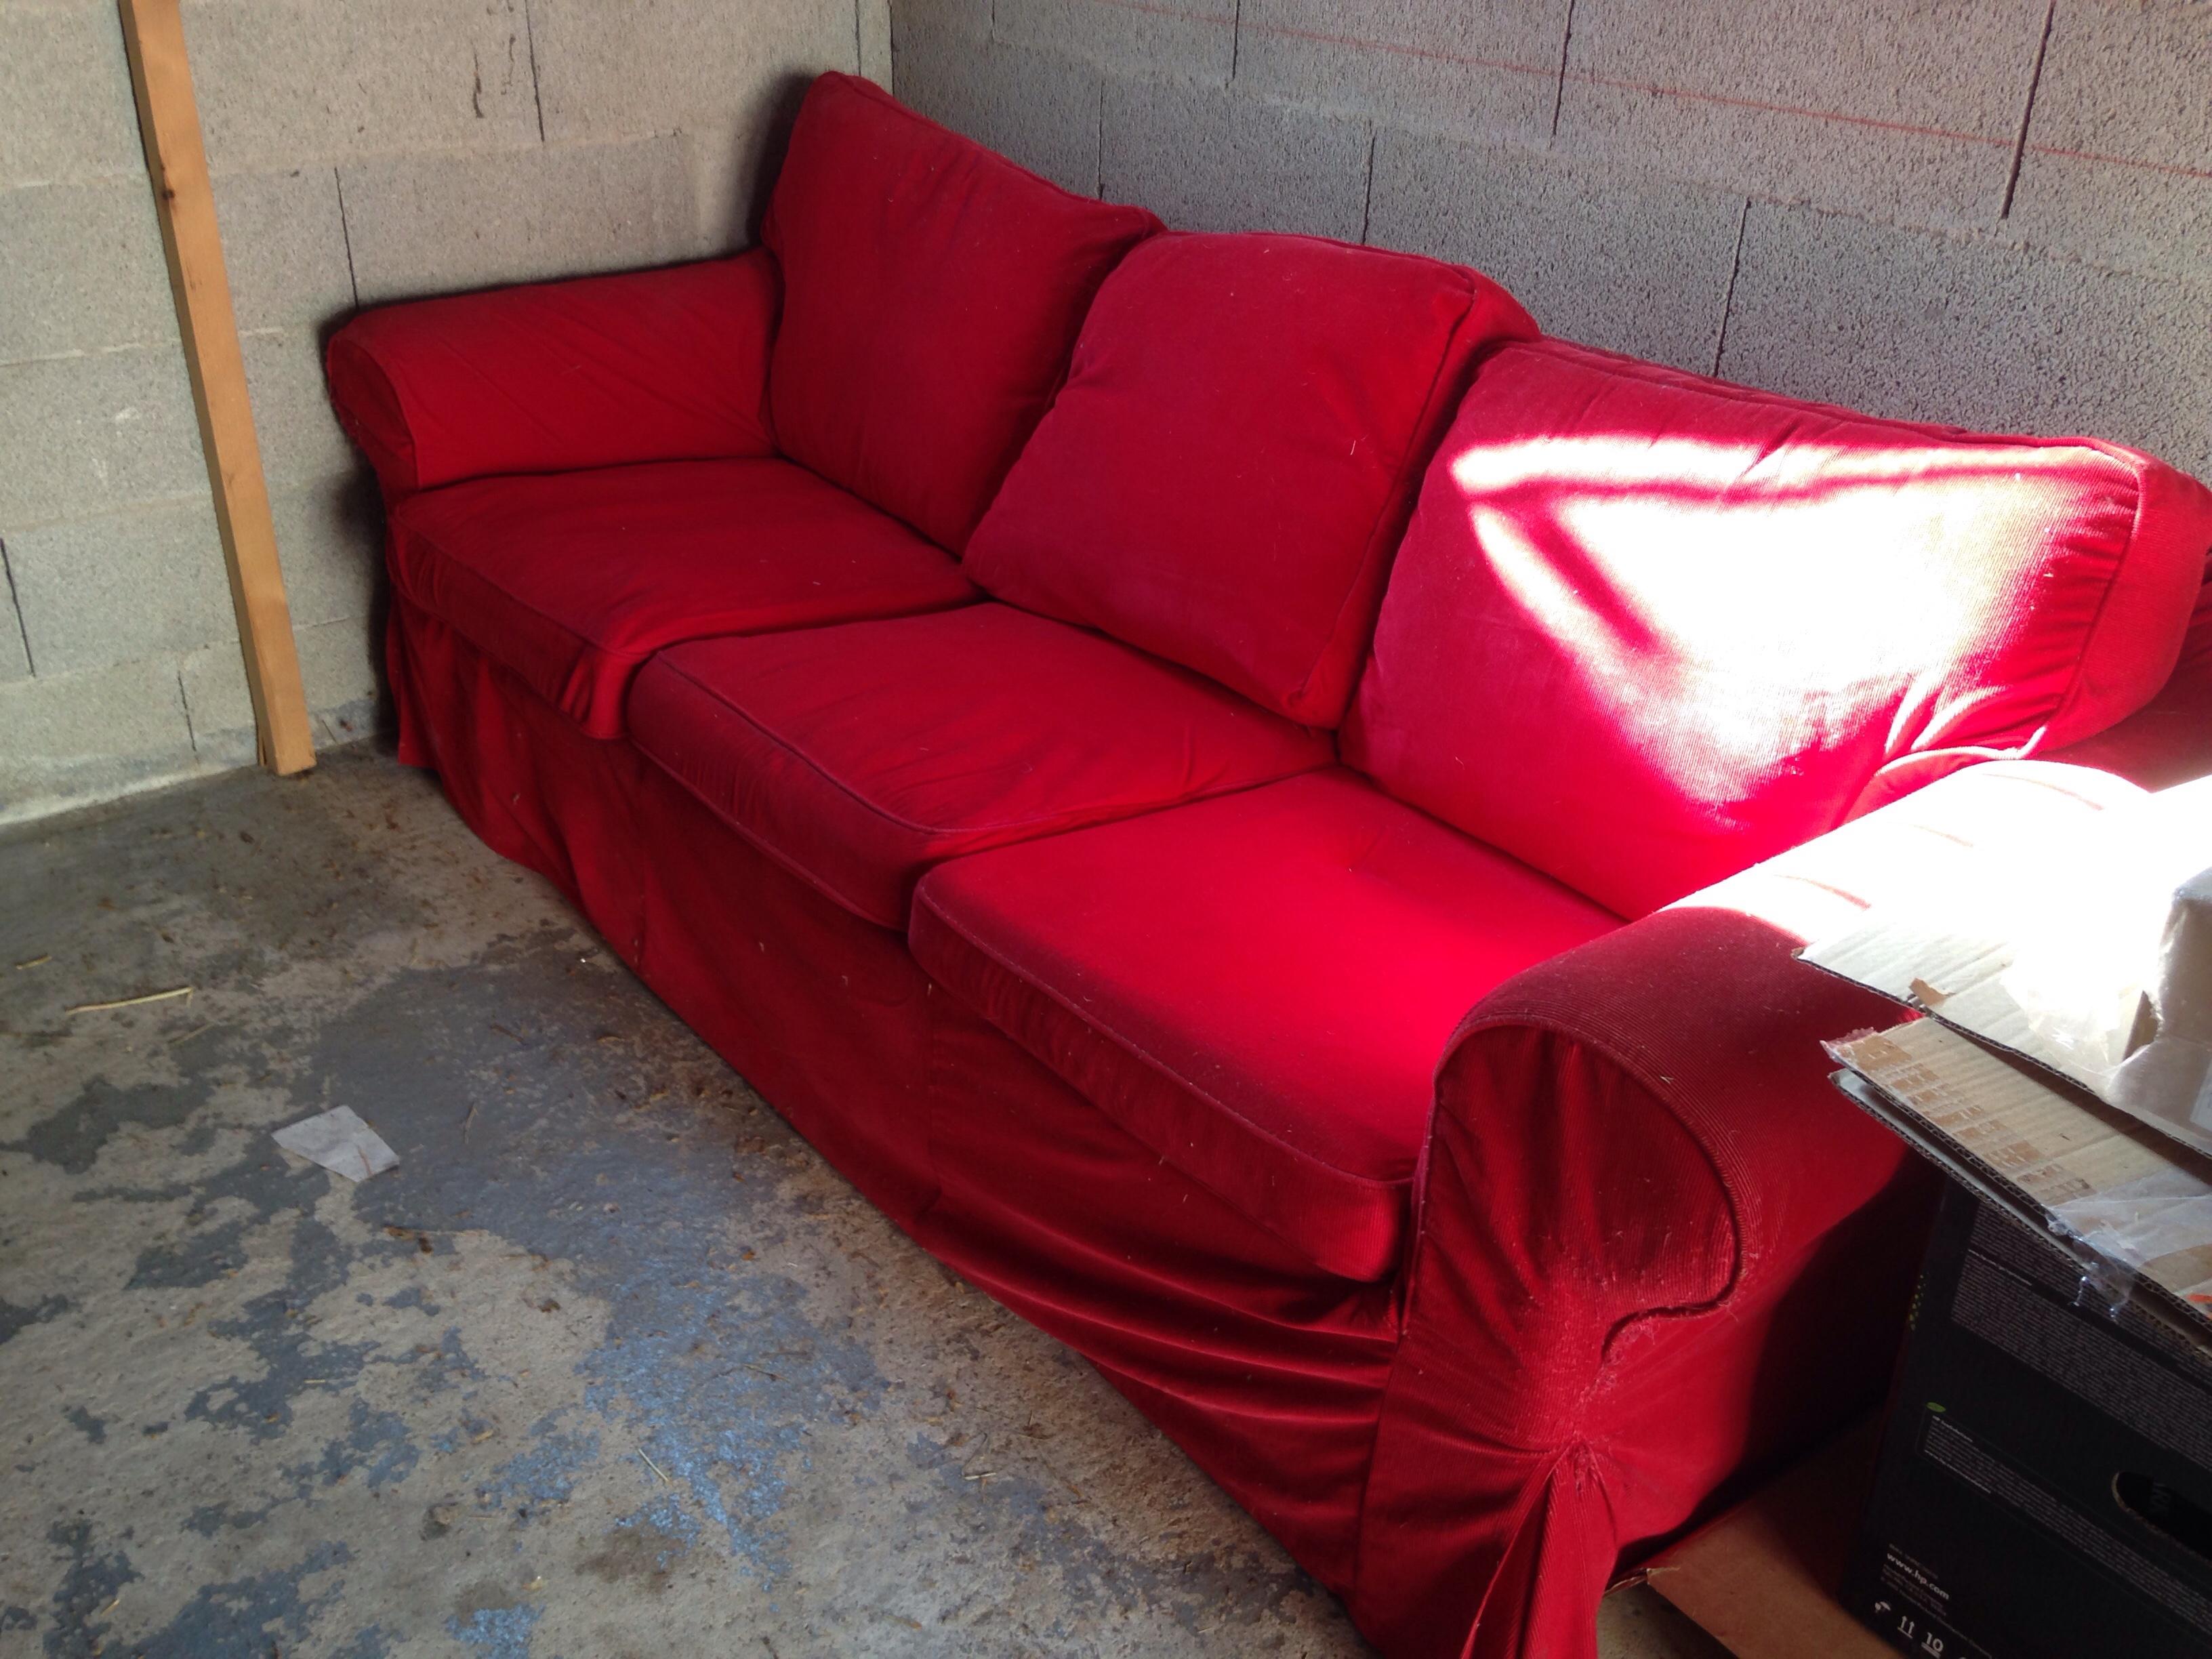 canap s occasion la valette du var 83 annonces achat et vente de canap s paruvendu. Black Bedroom Furniture Sets. Home Design Ideas